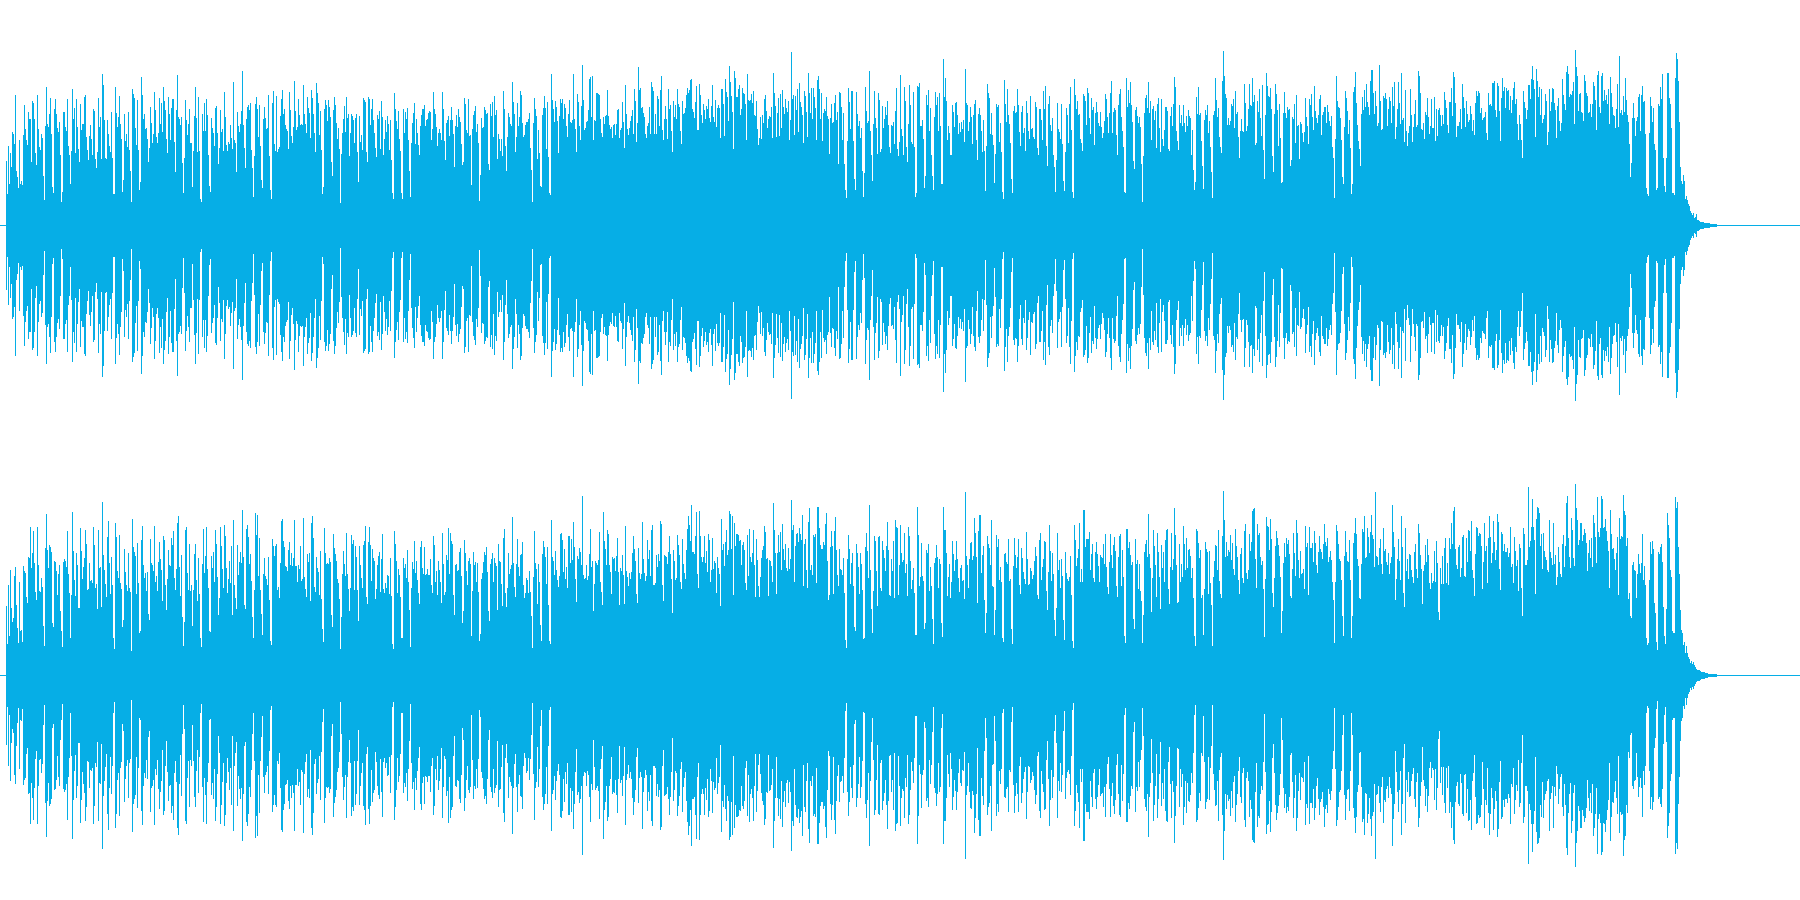 ギター・プレイ中心のストレートなロックの再生済みの波形